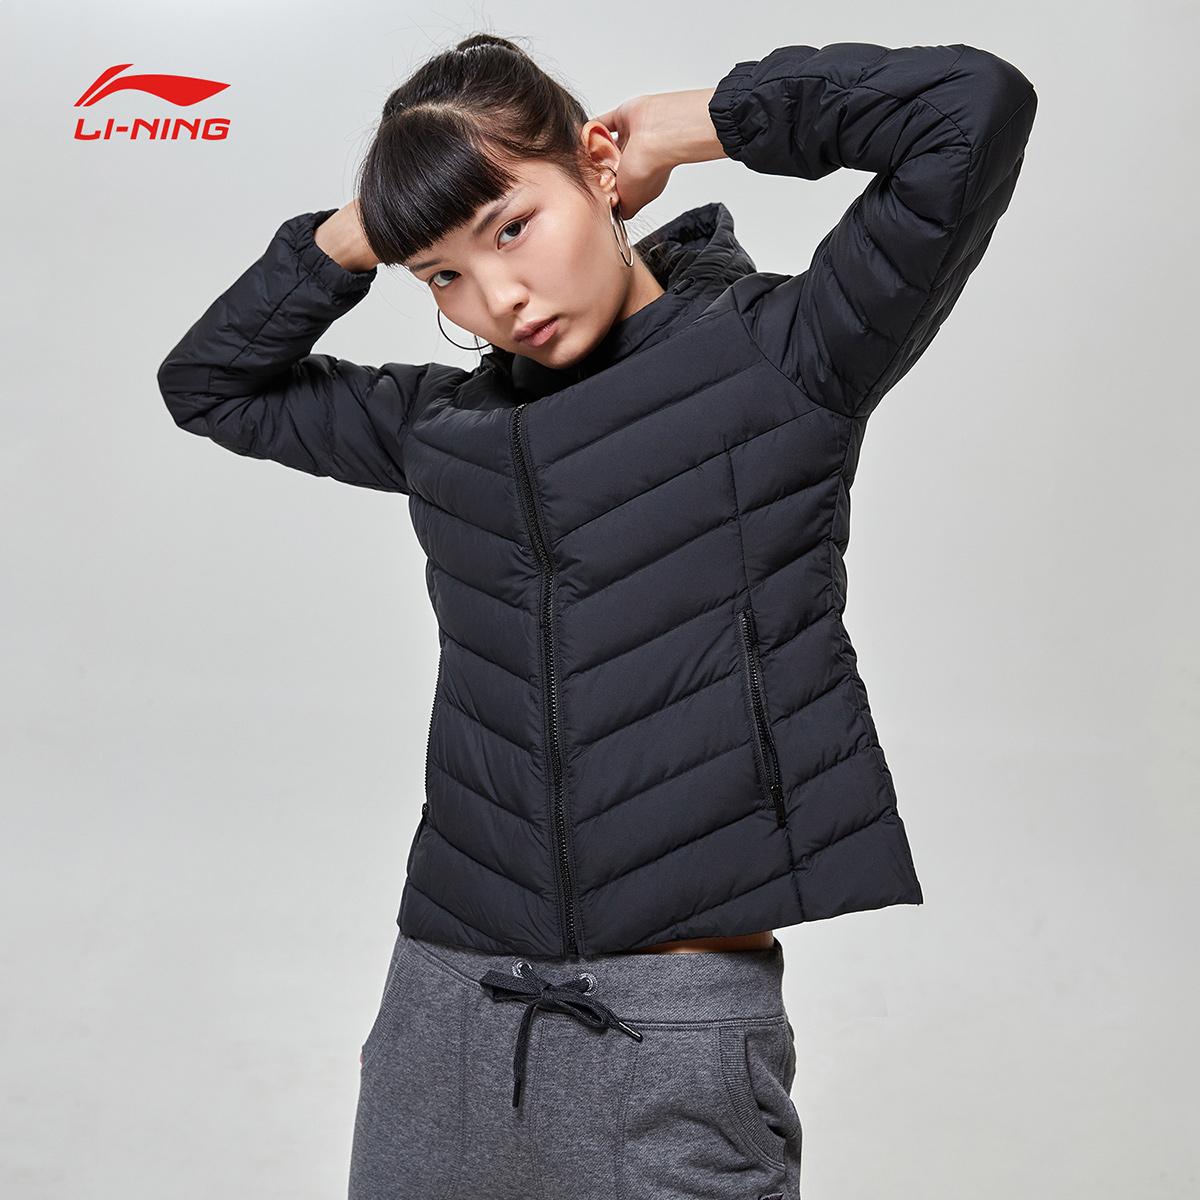 李宁短款羽绒服女士训练系列冬季连帽修身白鸭绒运动服图片